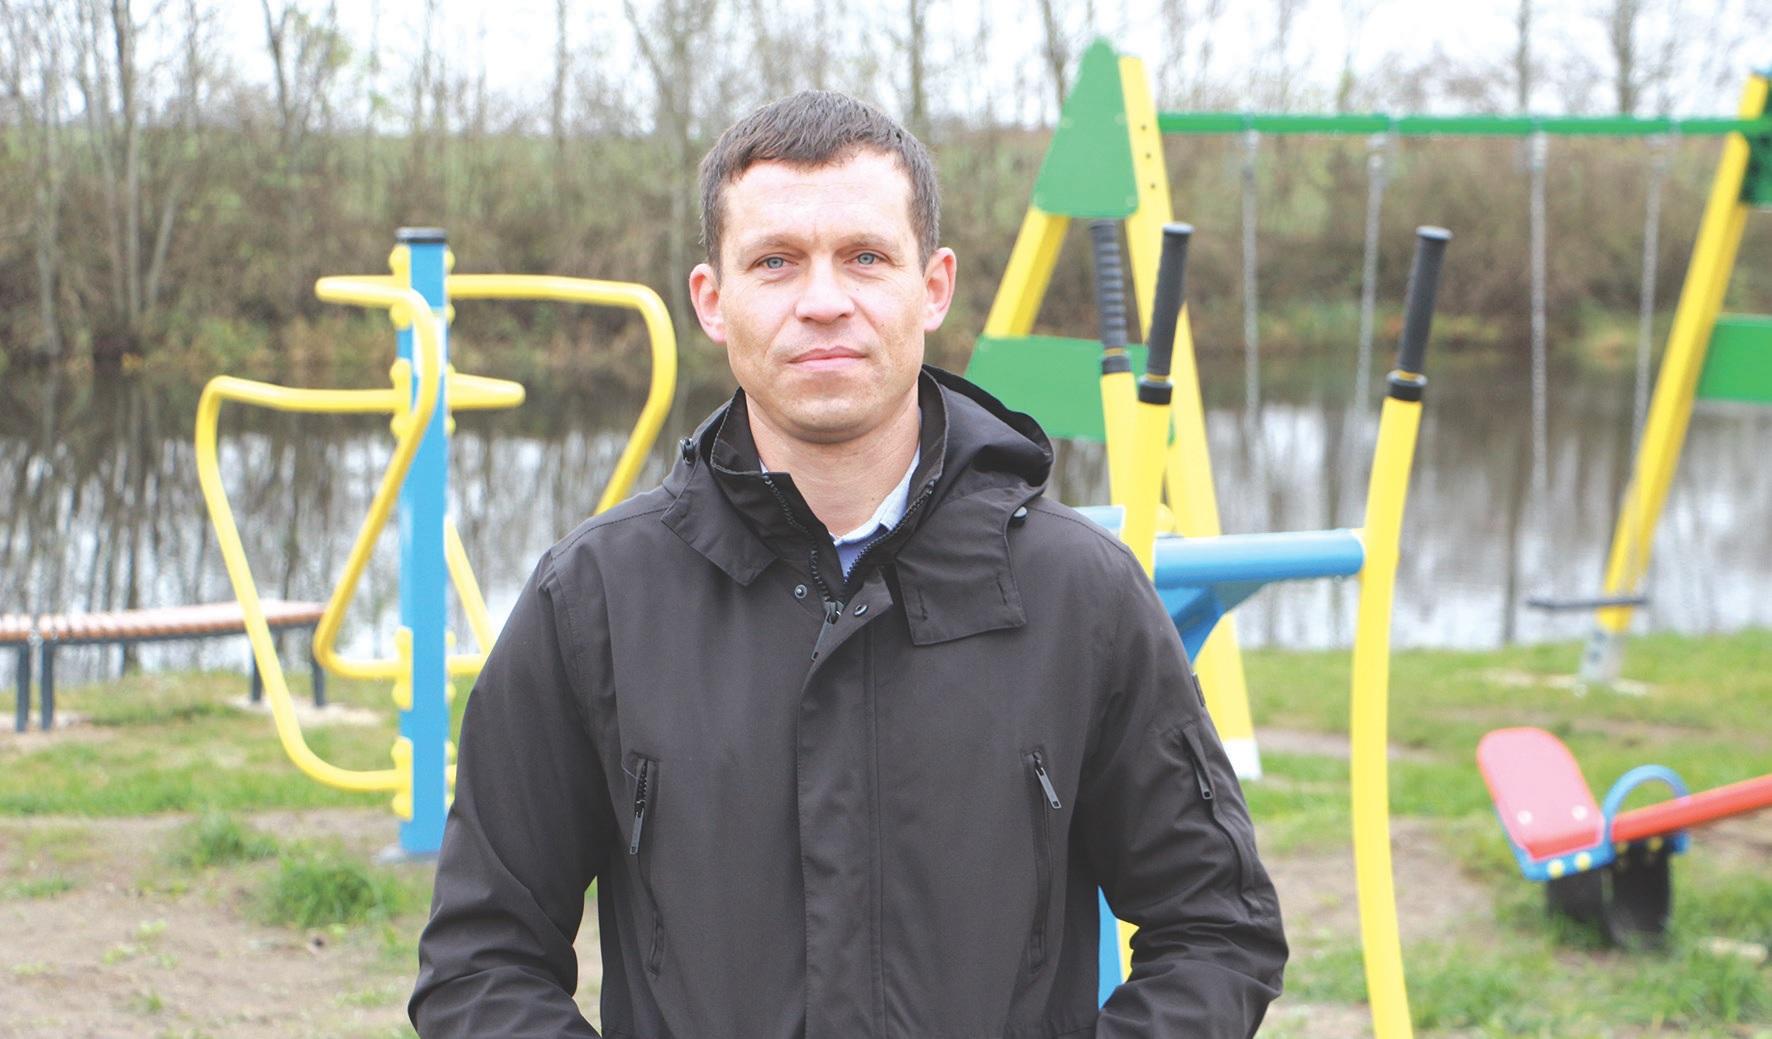 Gintaras Dervinis Bartkūniškių kaimo bendruomenės pirmininko pareigas eina nuo 2018 metų./Džestinos Borodinaitės nuotr